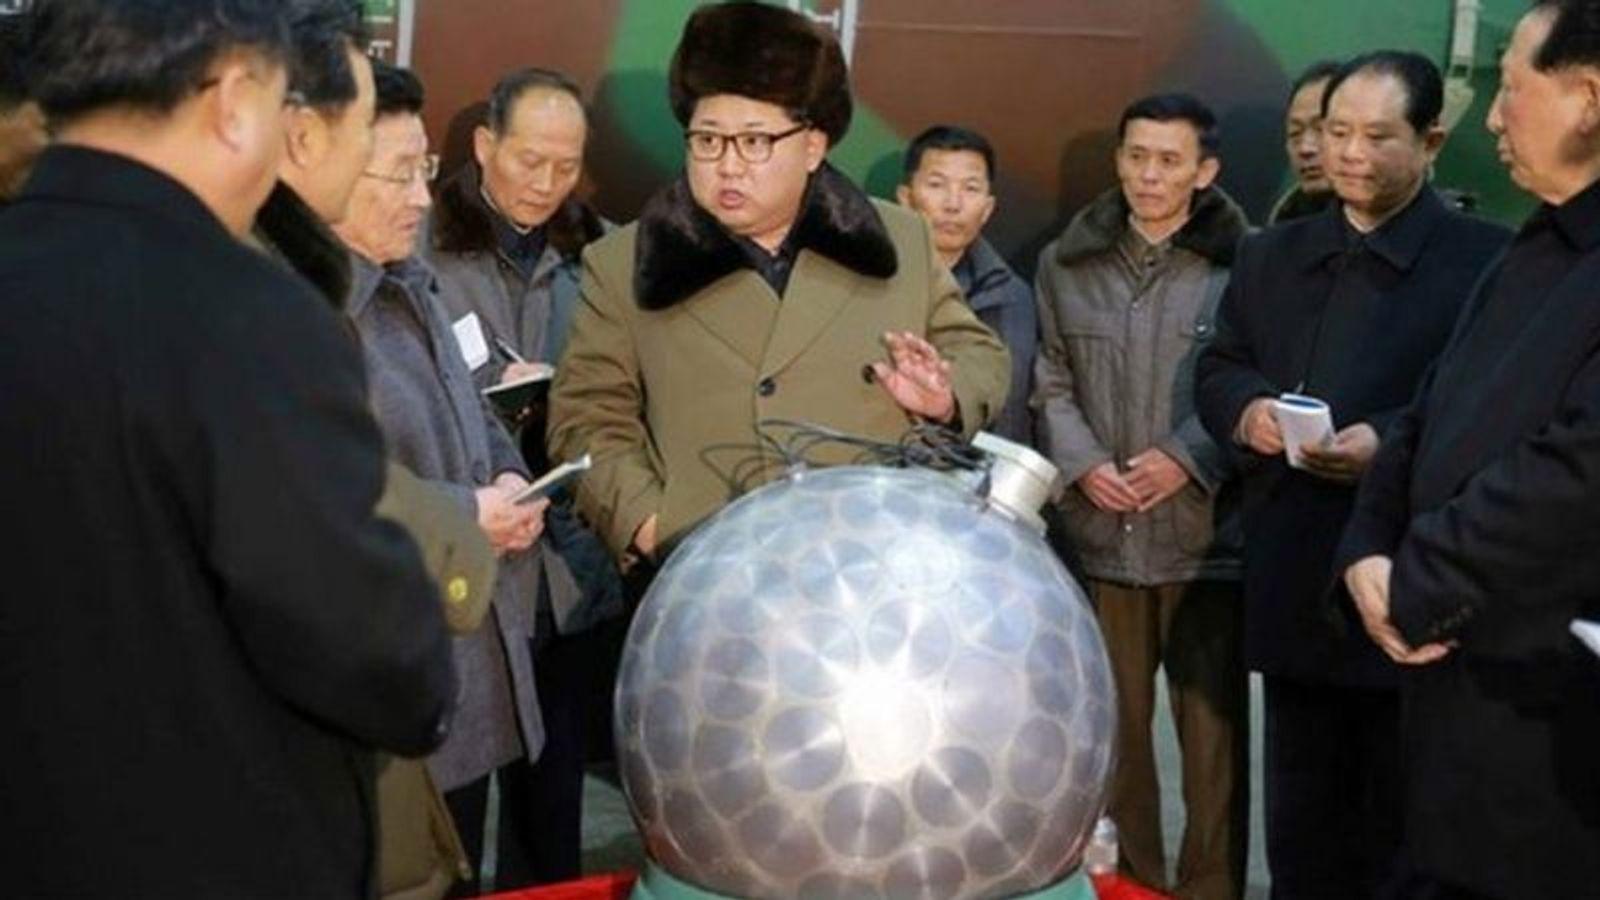 Снимки Ким Чен Ына с миниатюрной атомной бомбой, которая выглядела очень похожей на дискотечный шар, породили множество интернет-мемов